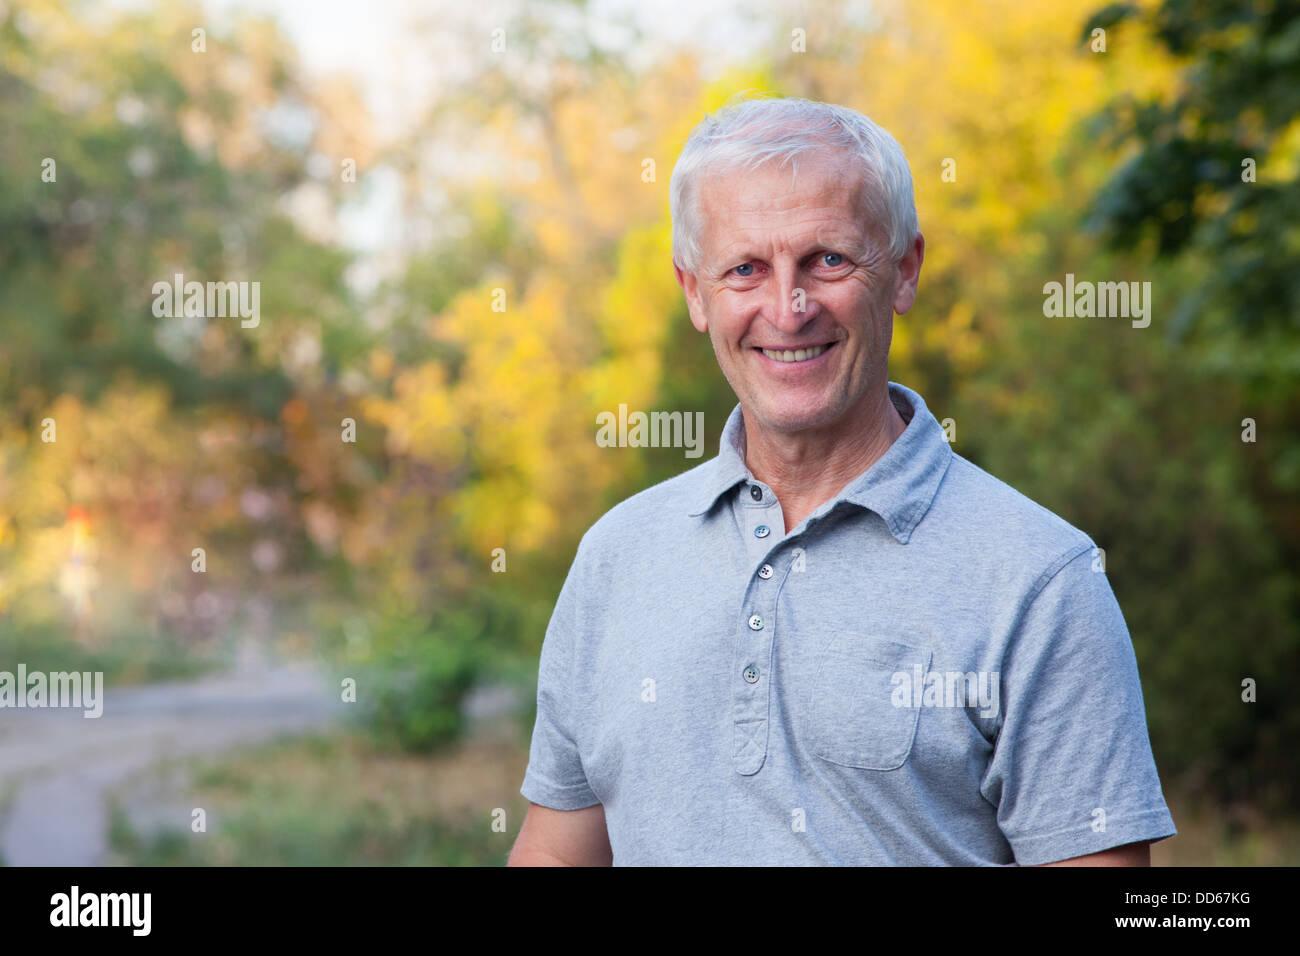 Ritratto di felice volto sorridente di grigio con capelli uomo vecchio.  All esterno. Jeans blu. Grigio t-shirt. 5a3ad7ac18ec